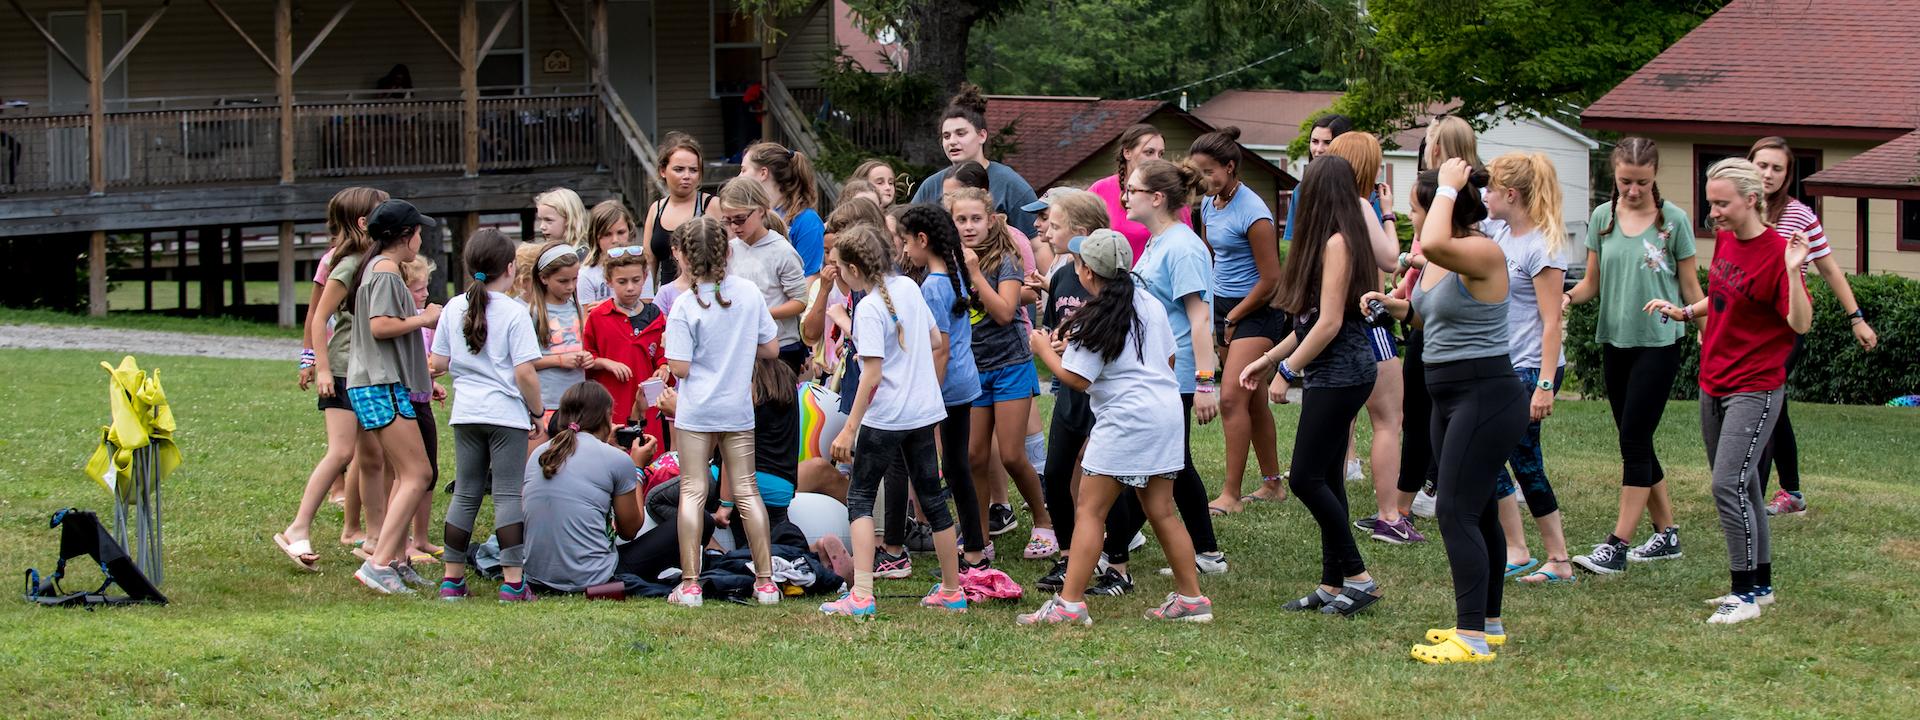 having fun at summer camp